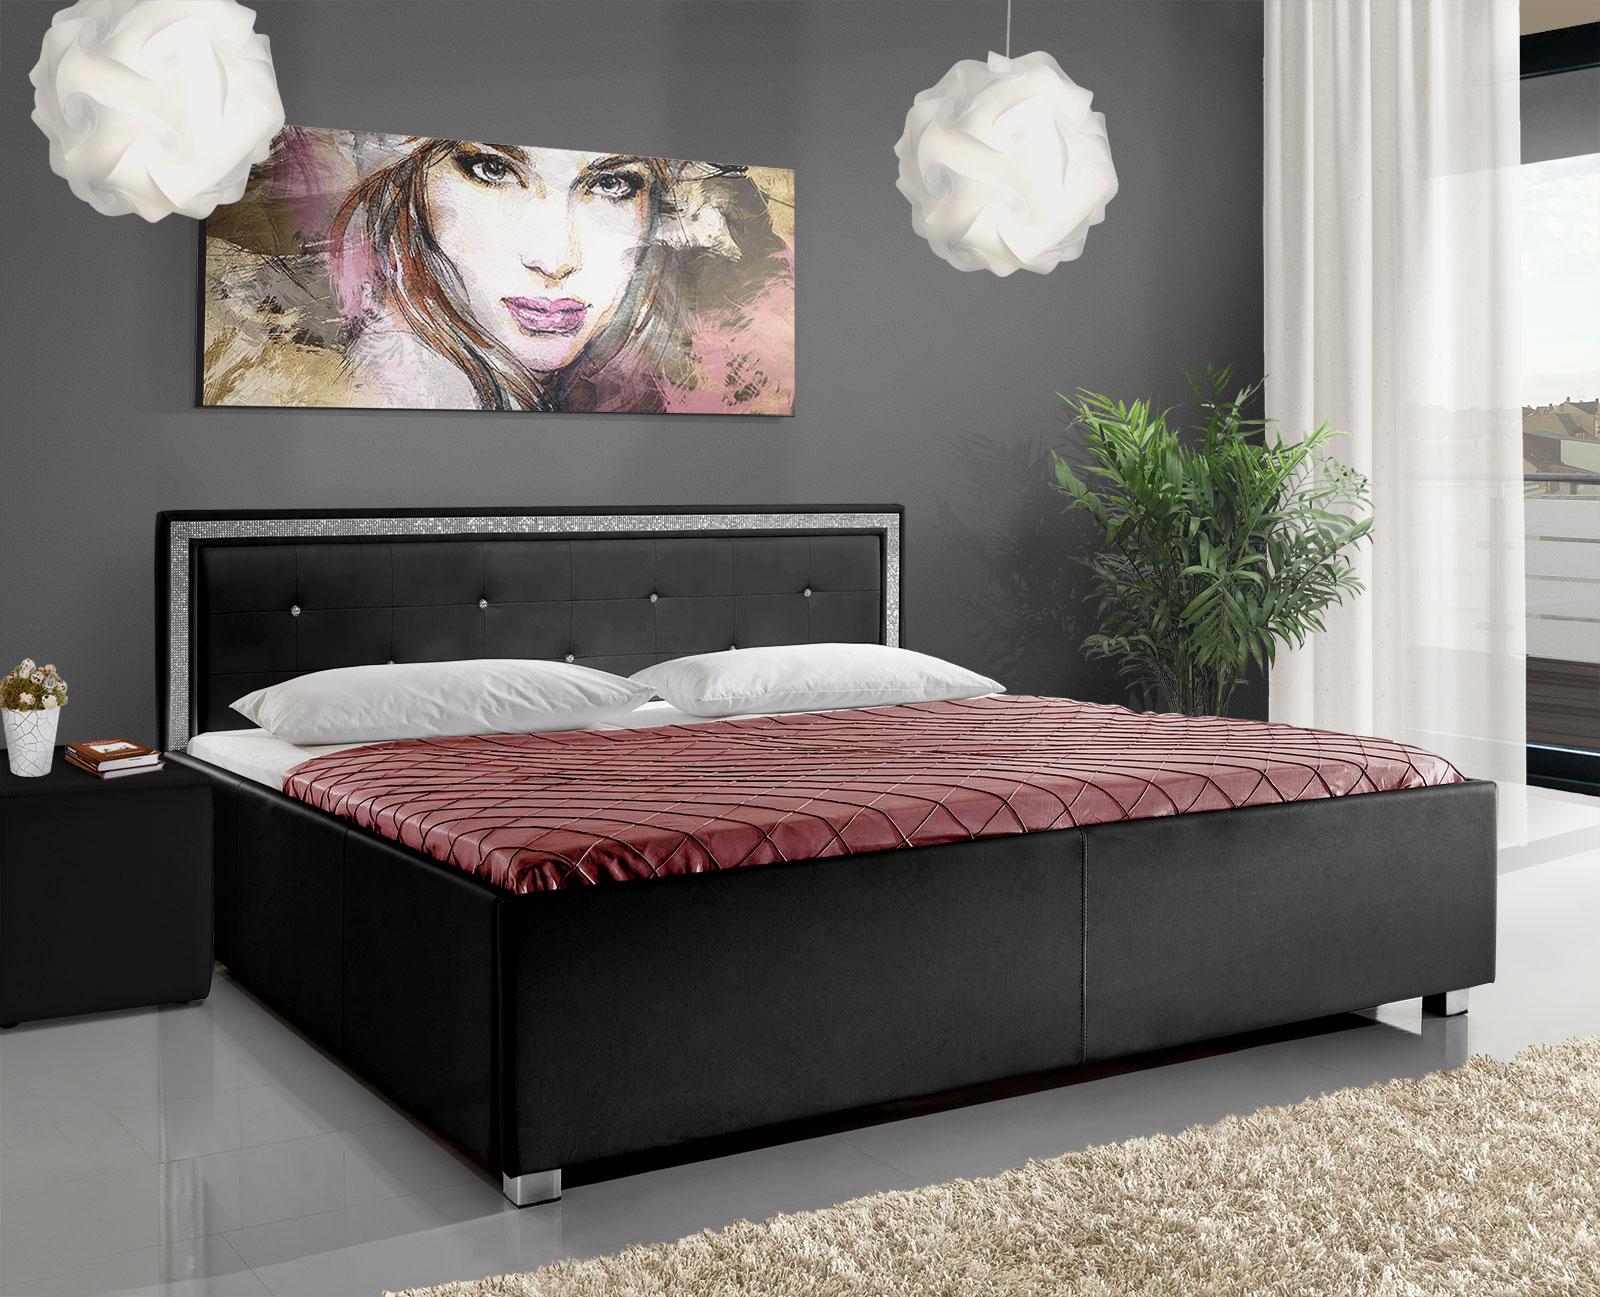 Bett mit Bordüre und Strass-Steinchen - Sheringham